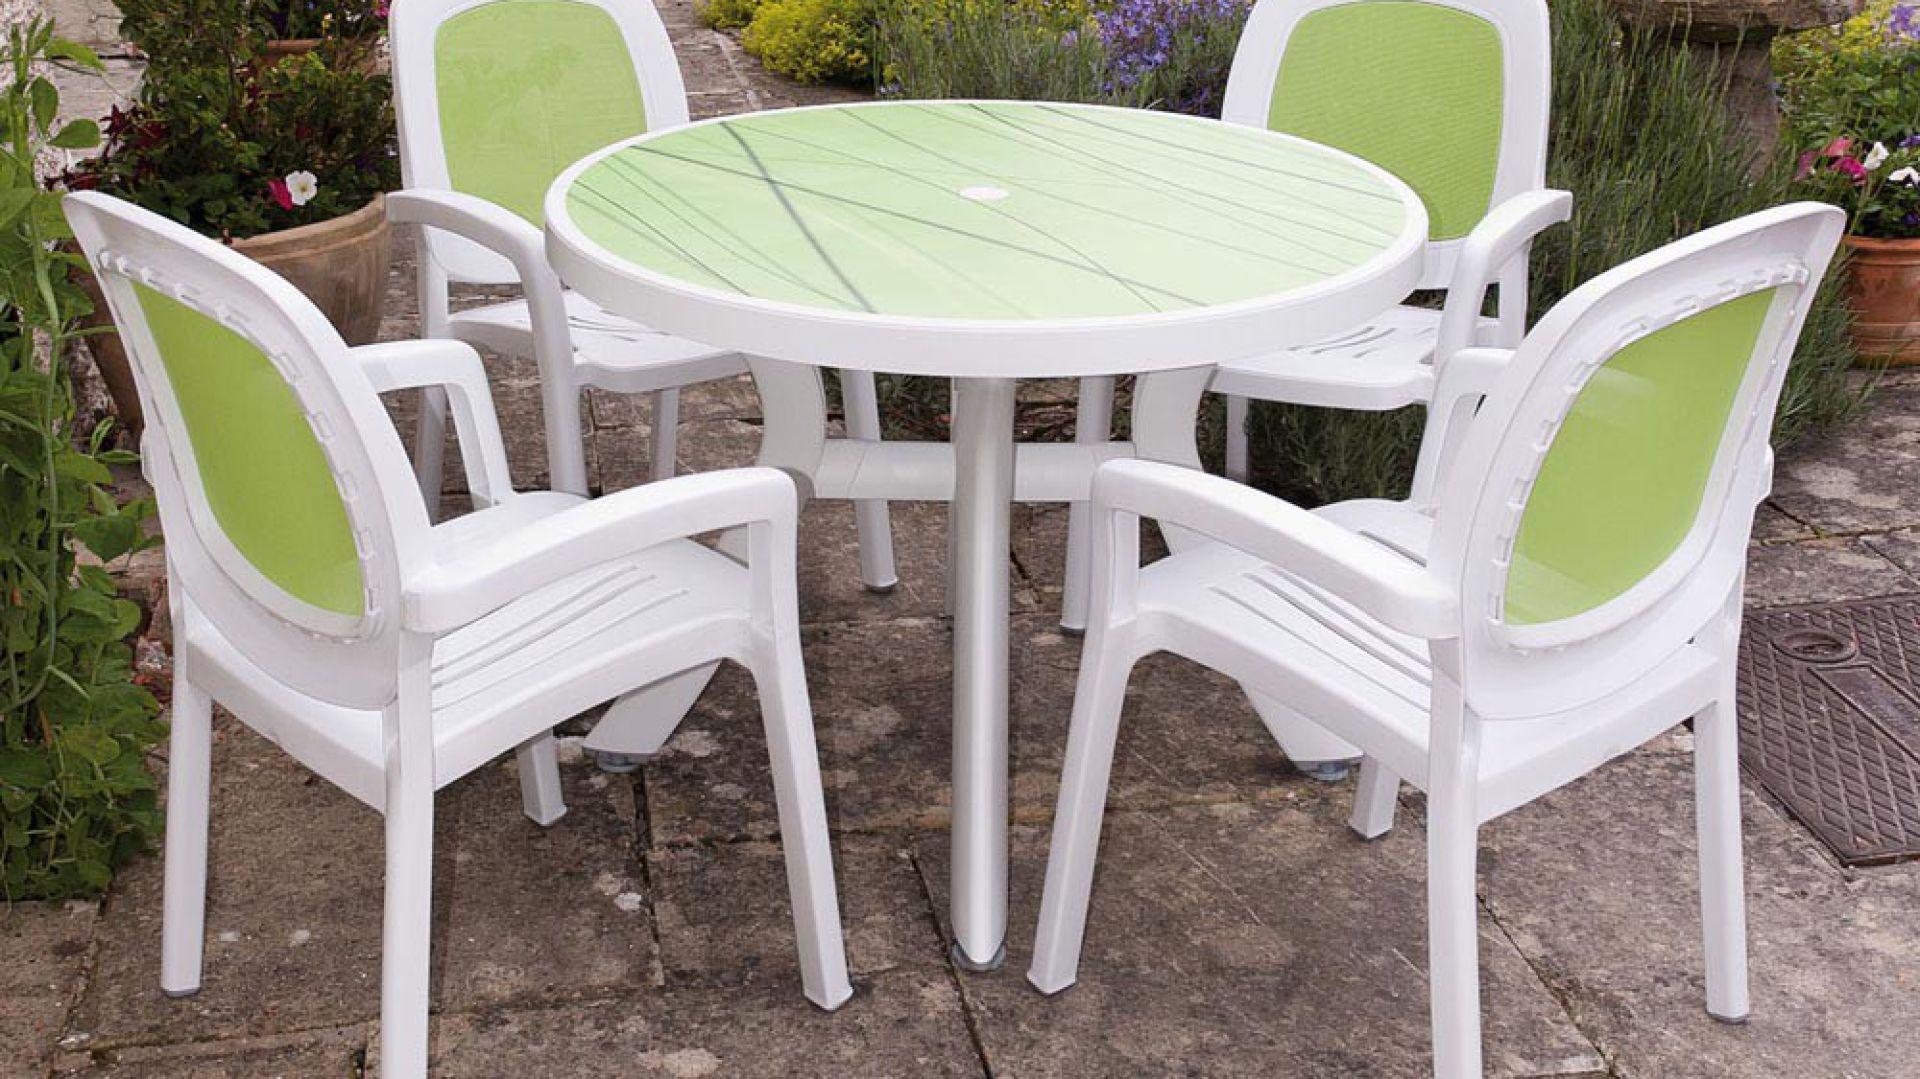 Połączenie plastiku z klasyczną formą stworzyło bardzo ciekawy miks stylistyczny. EW Garden Furniture.